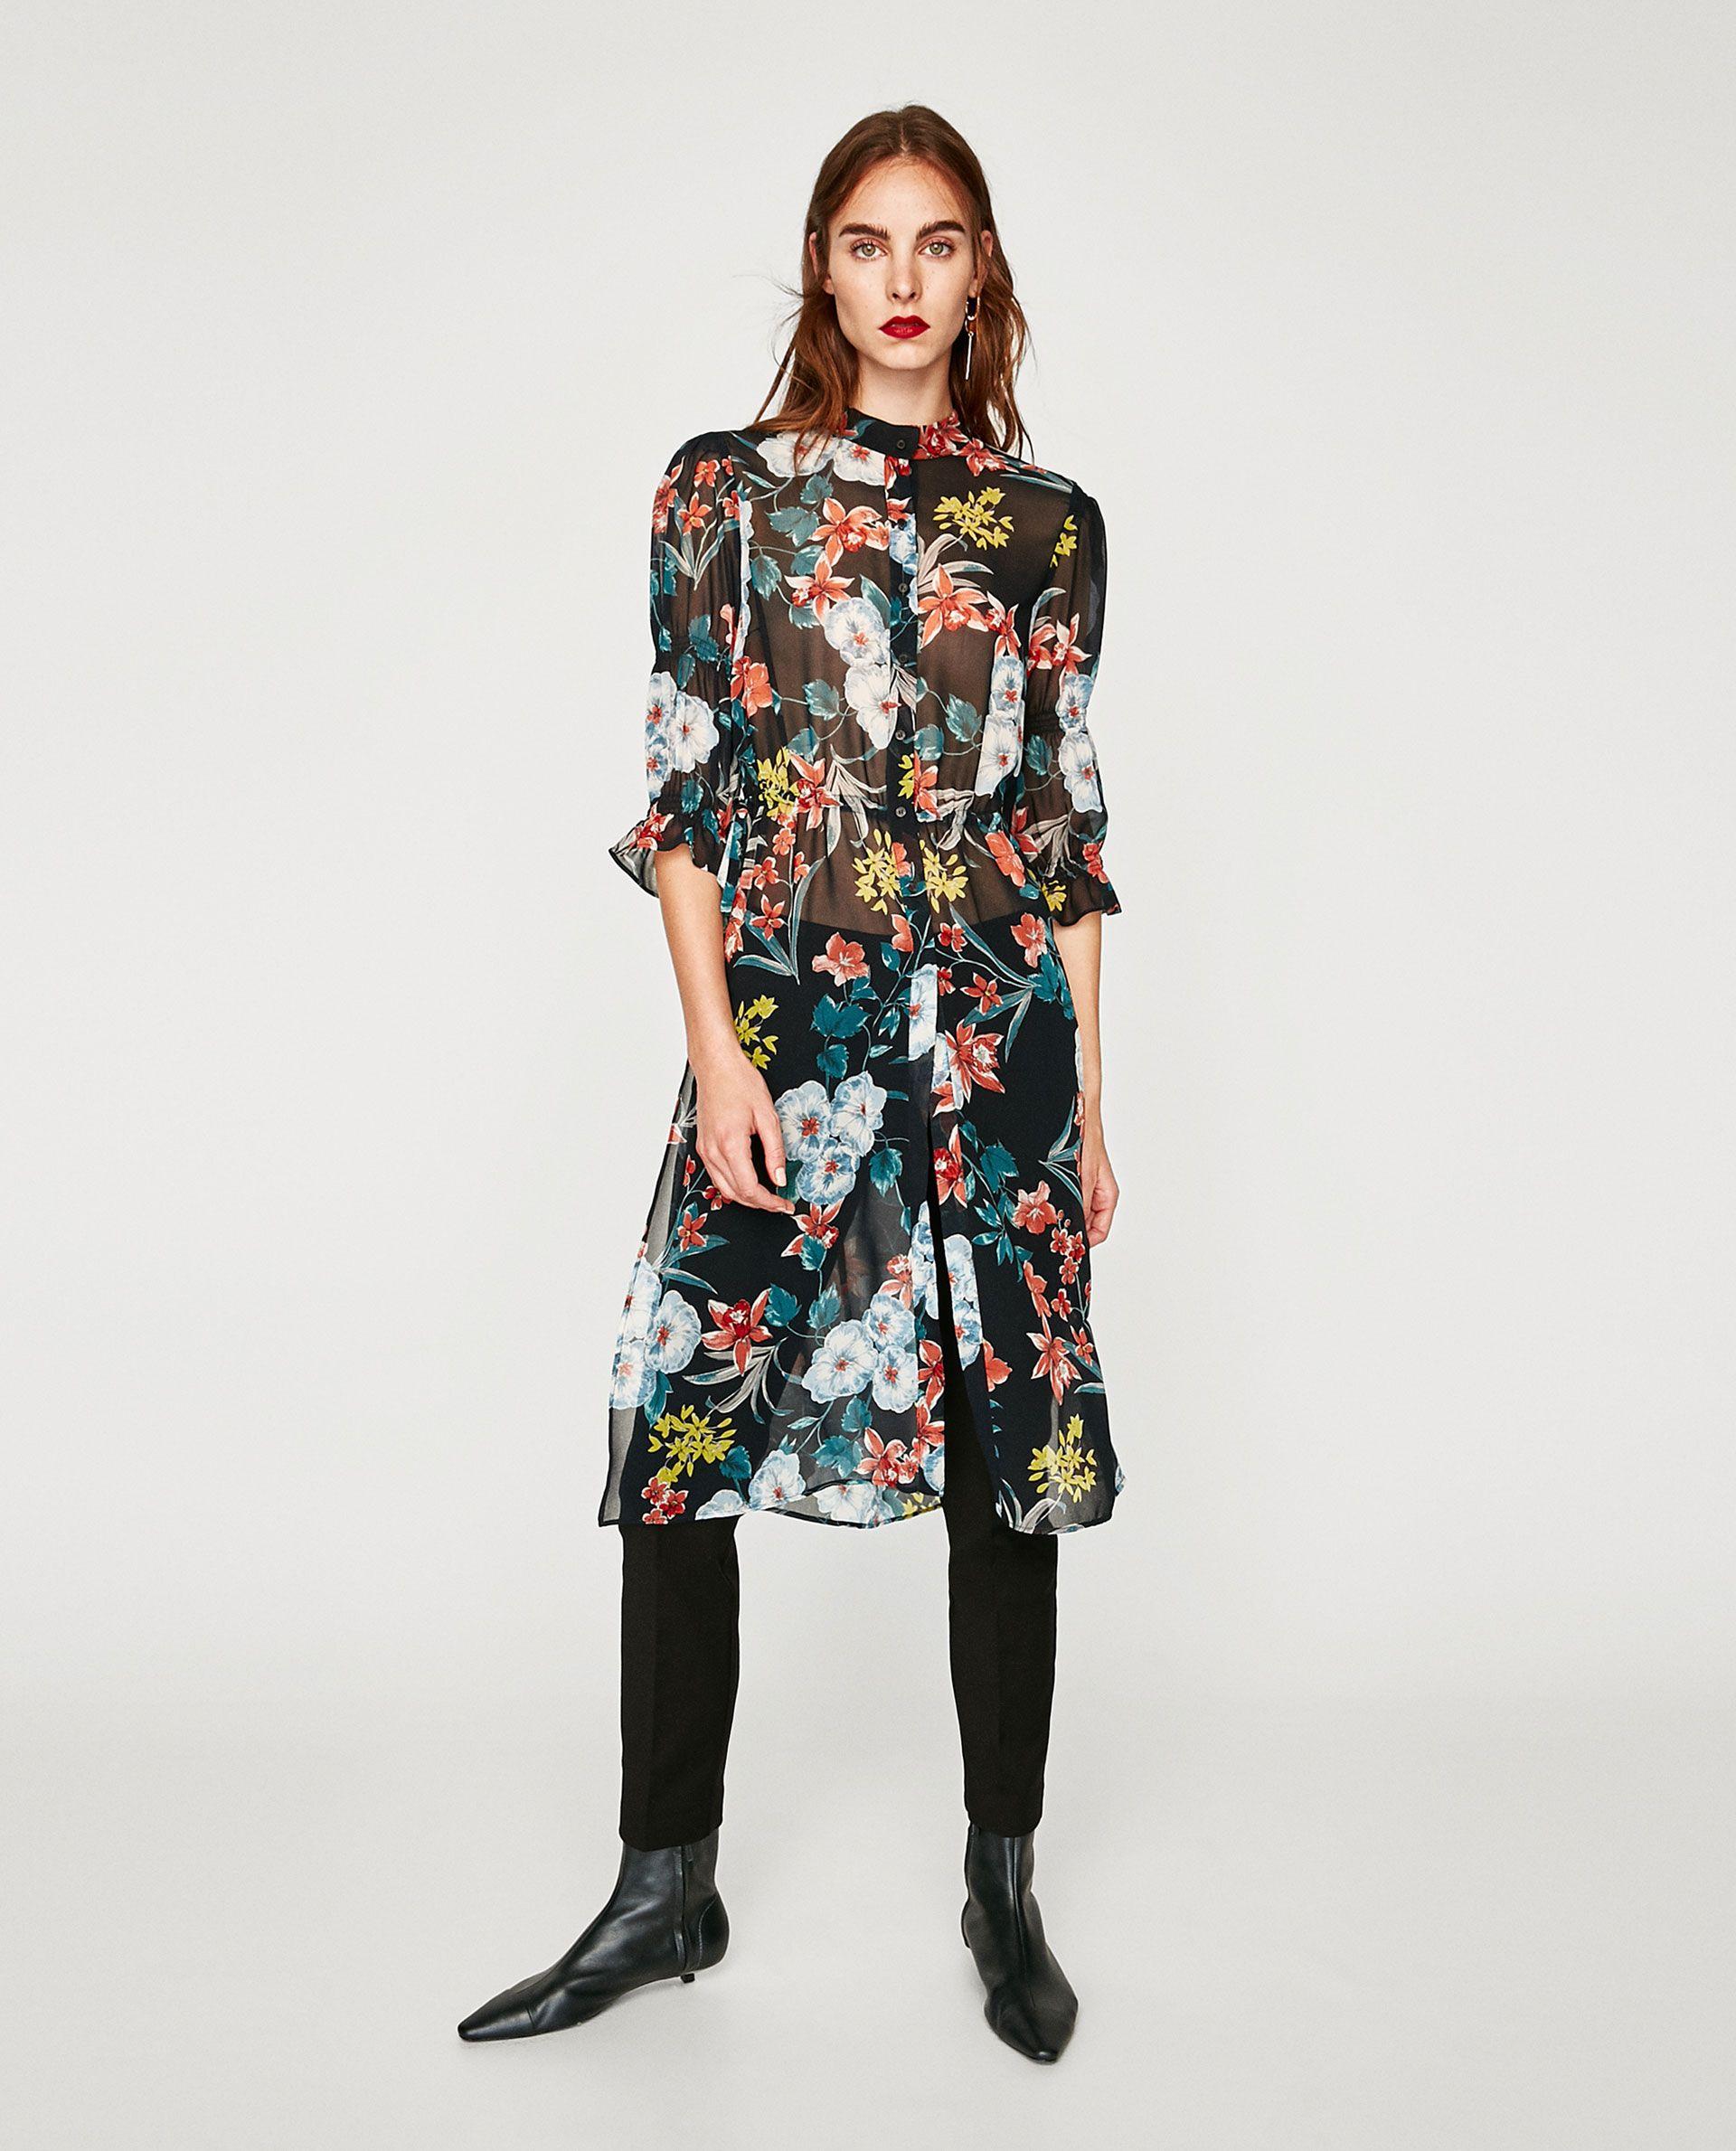 original mejor calificado rebajas outlet mitad de descuento CAMISA LARGA ESTAMPADO FLORAL | Fashions | Camisas largas ...